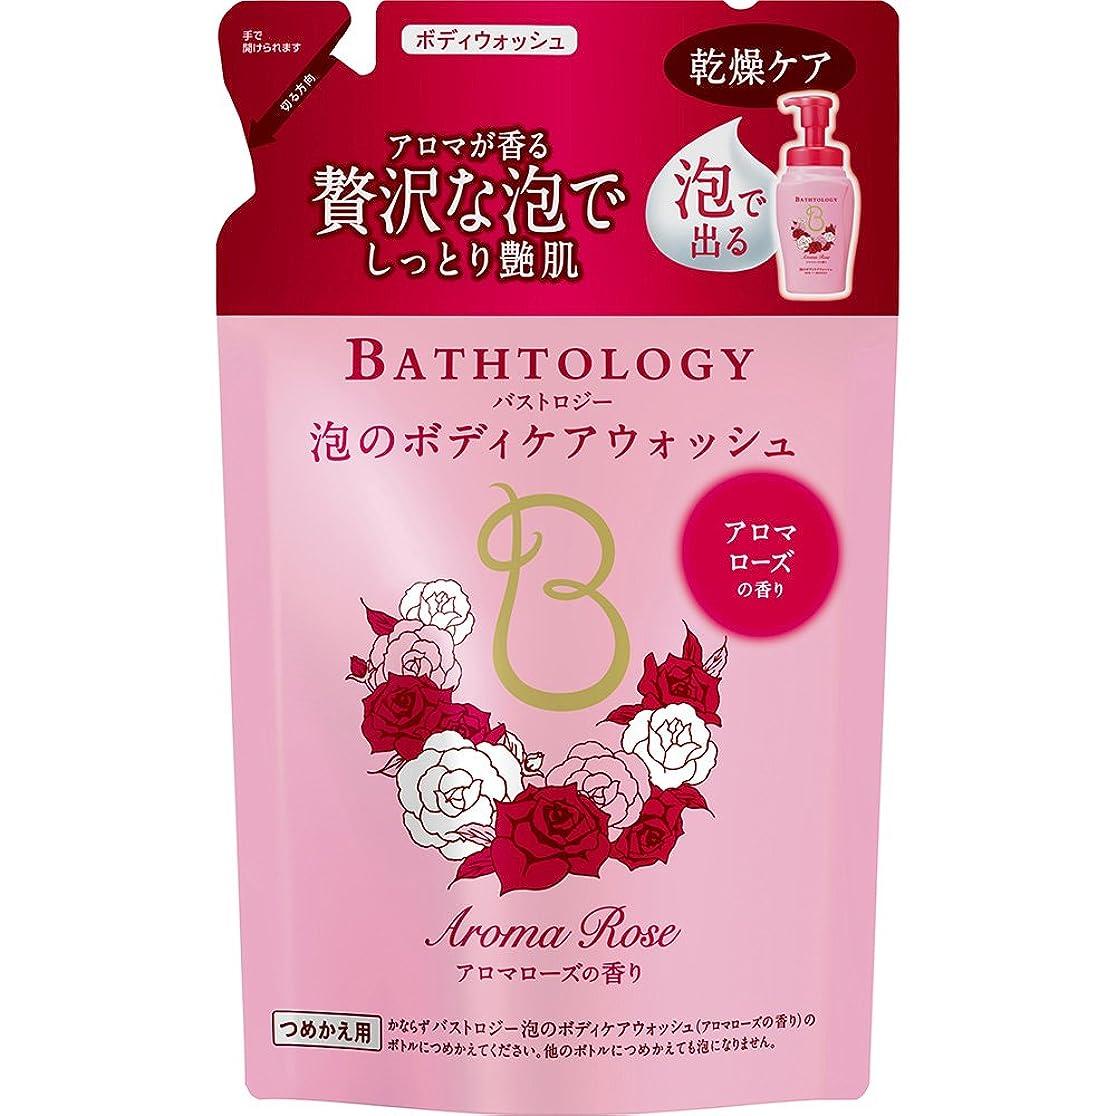 ゲーム特定の決めますBATHTOLOGY 泡のボディケアウォッシュ アロマローズの香り 詰め替え 350ml